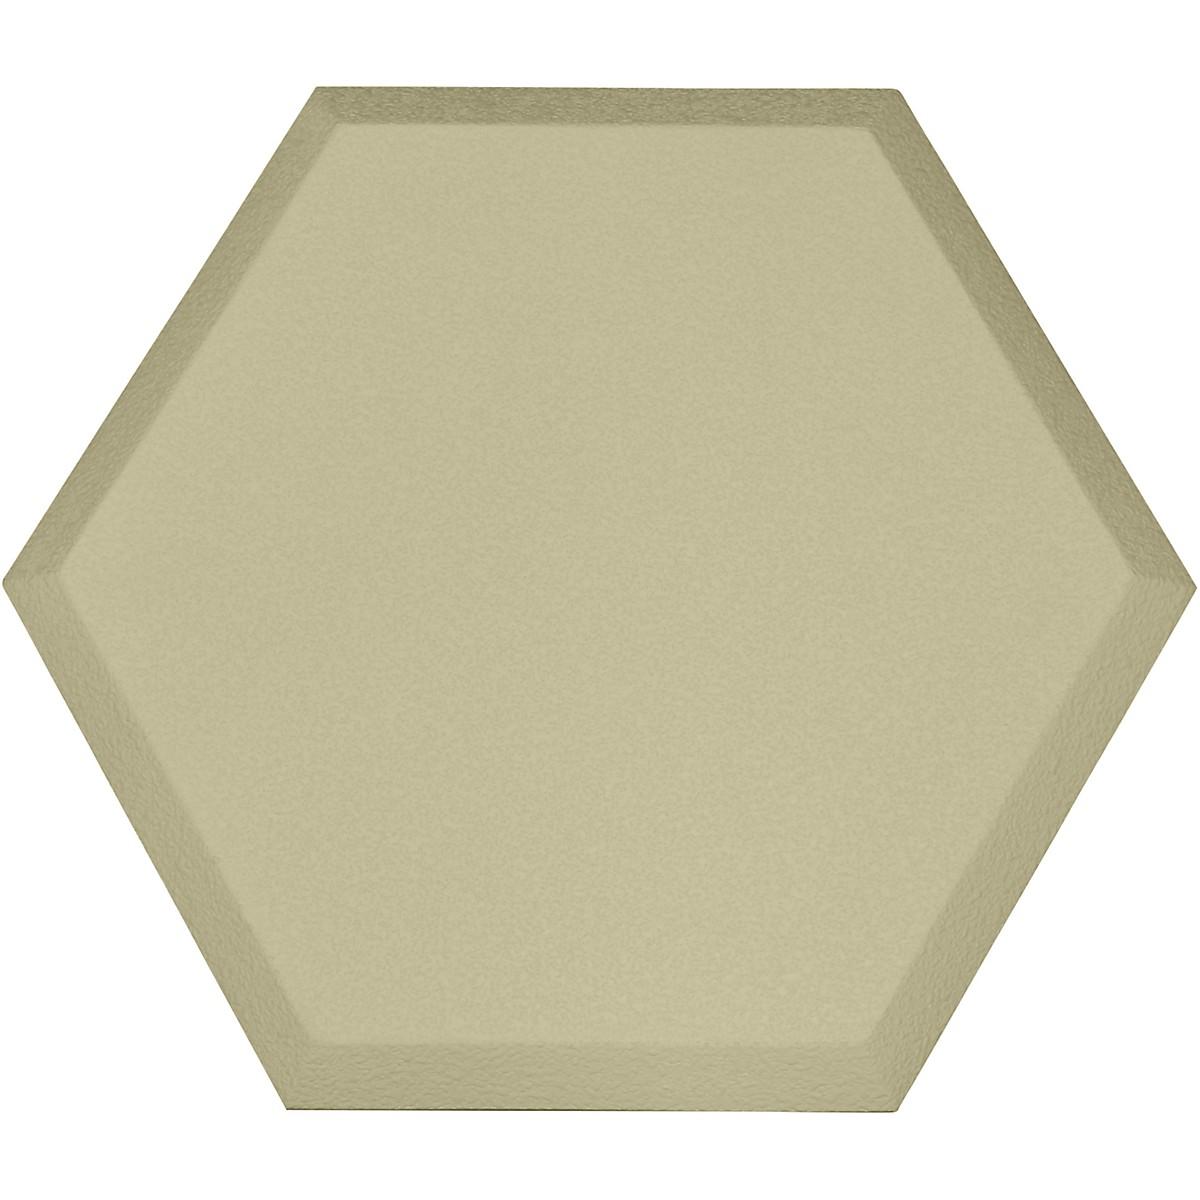 Primacoustic Element Hexagon Acoustic Panel